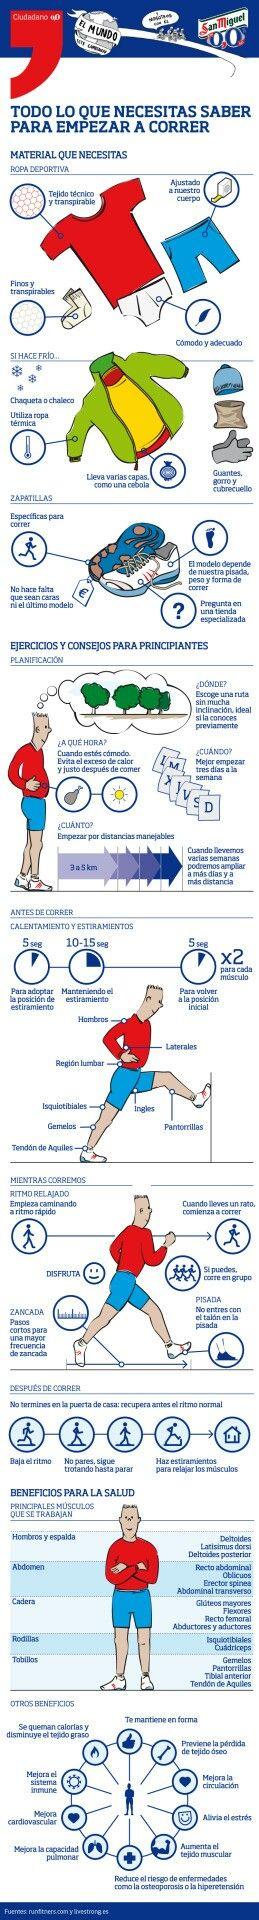 Empezar a correr en Valencia Personal Trainer en Valencia www.rubenentrenador.com